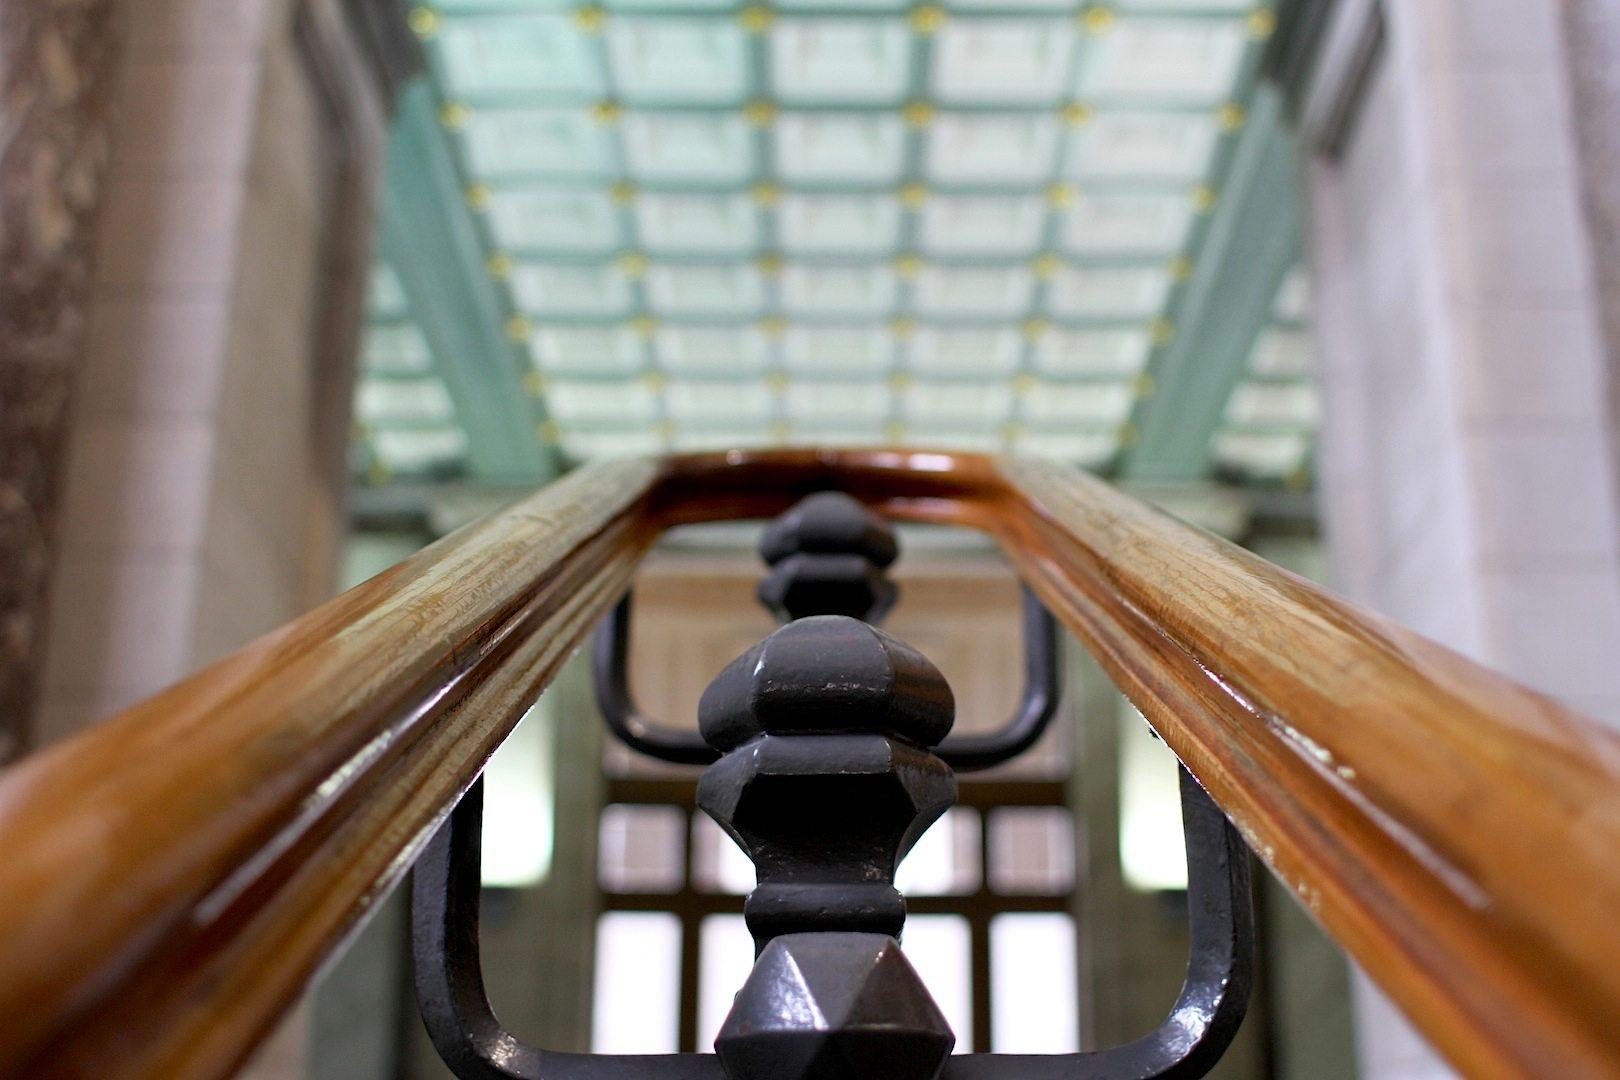 Perspektive, Teil 2.  Marmorne und neobarocke Elemente: die Treppenanlage in der Empfangshalle